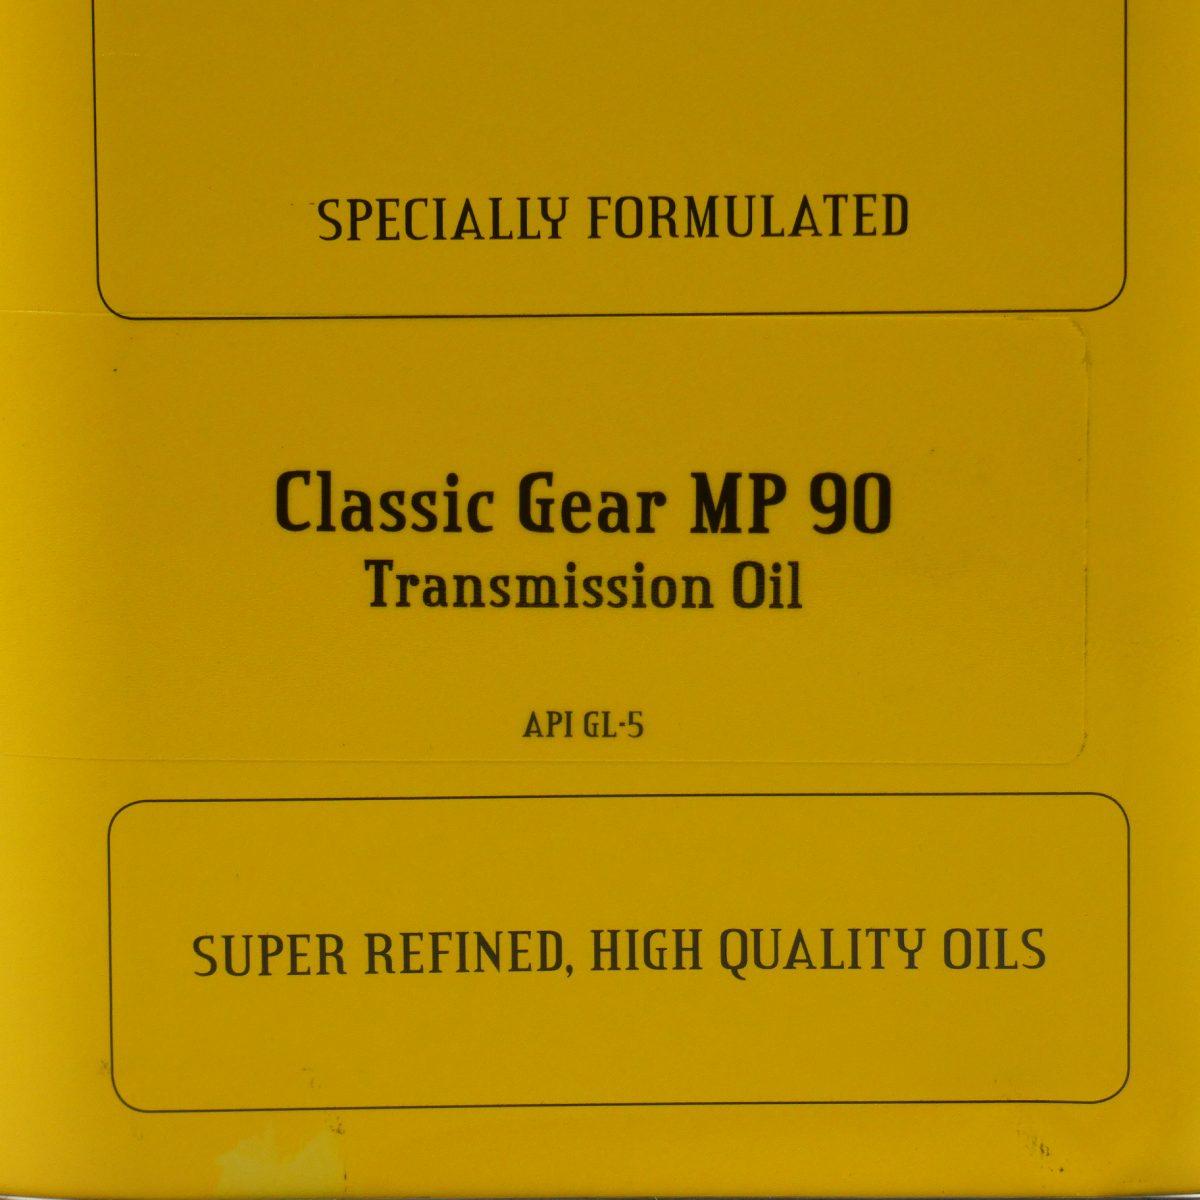 A merk olie voor klassieker